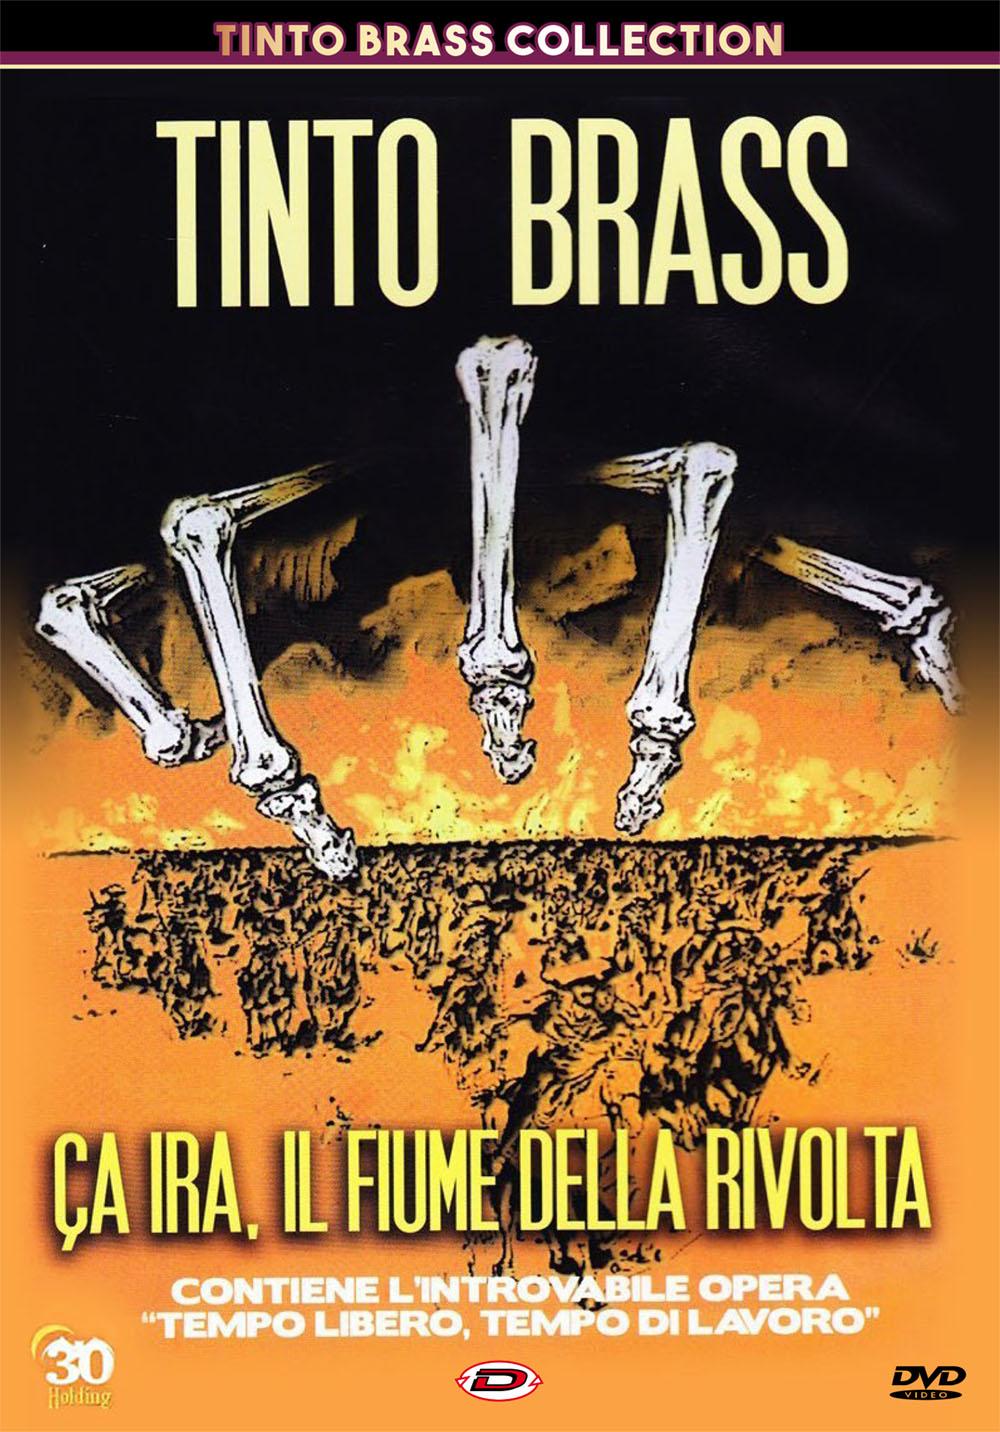 CA IRA, IL FIUME DELLA RIVOLTA (DVD)